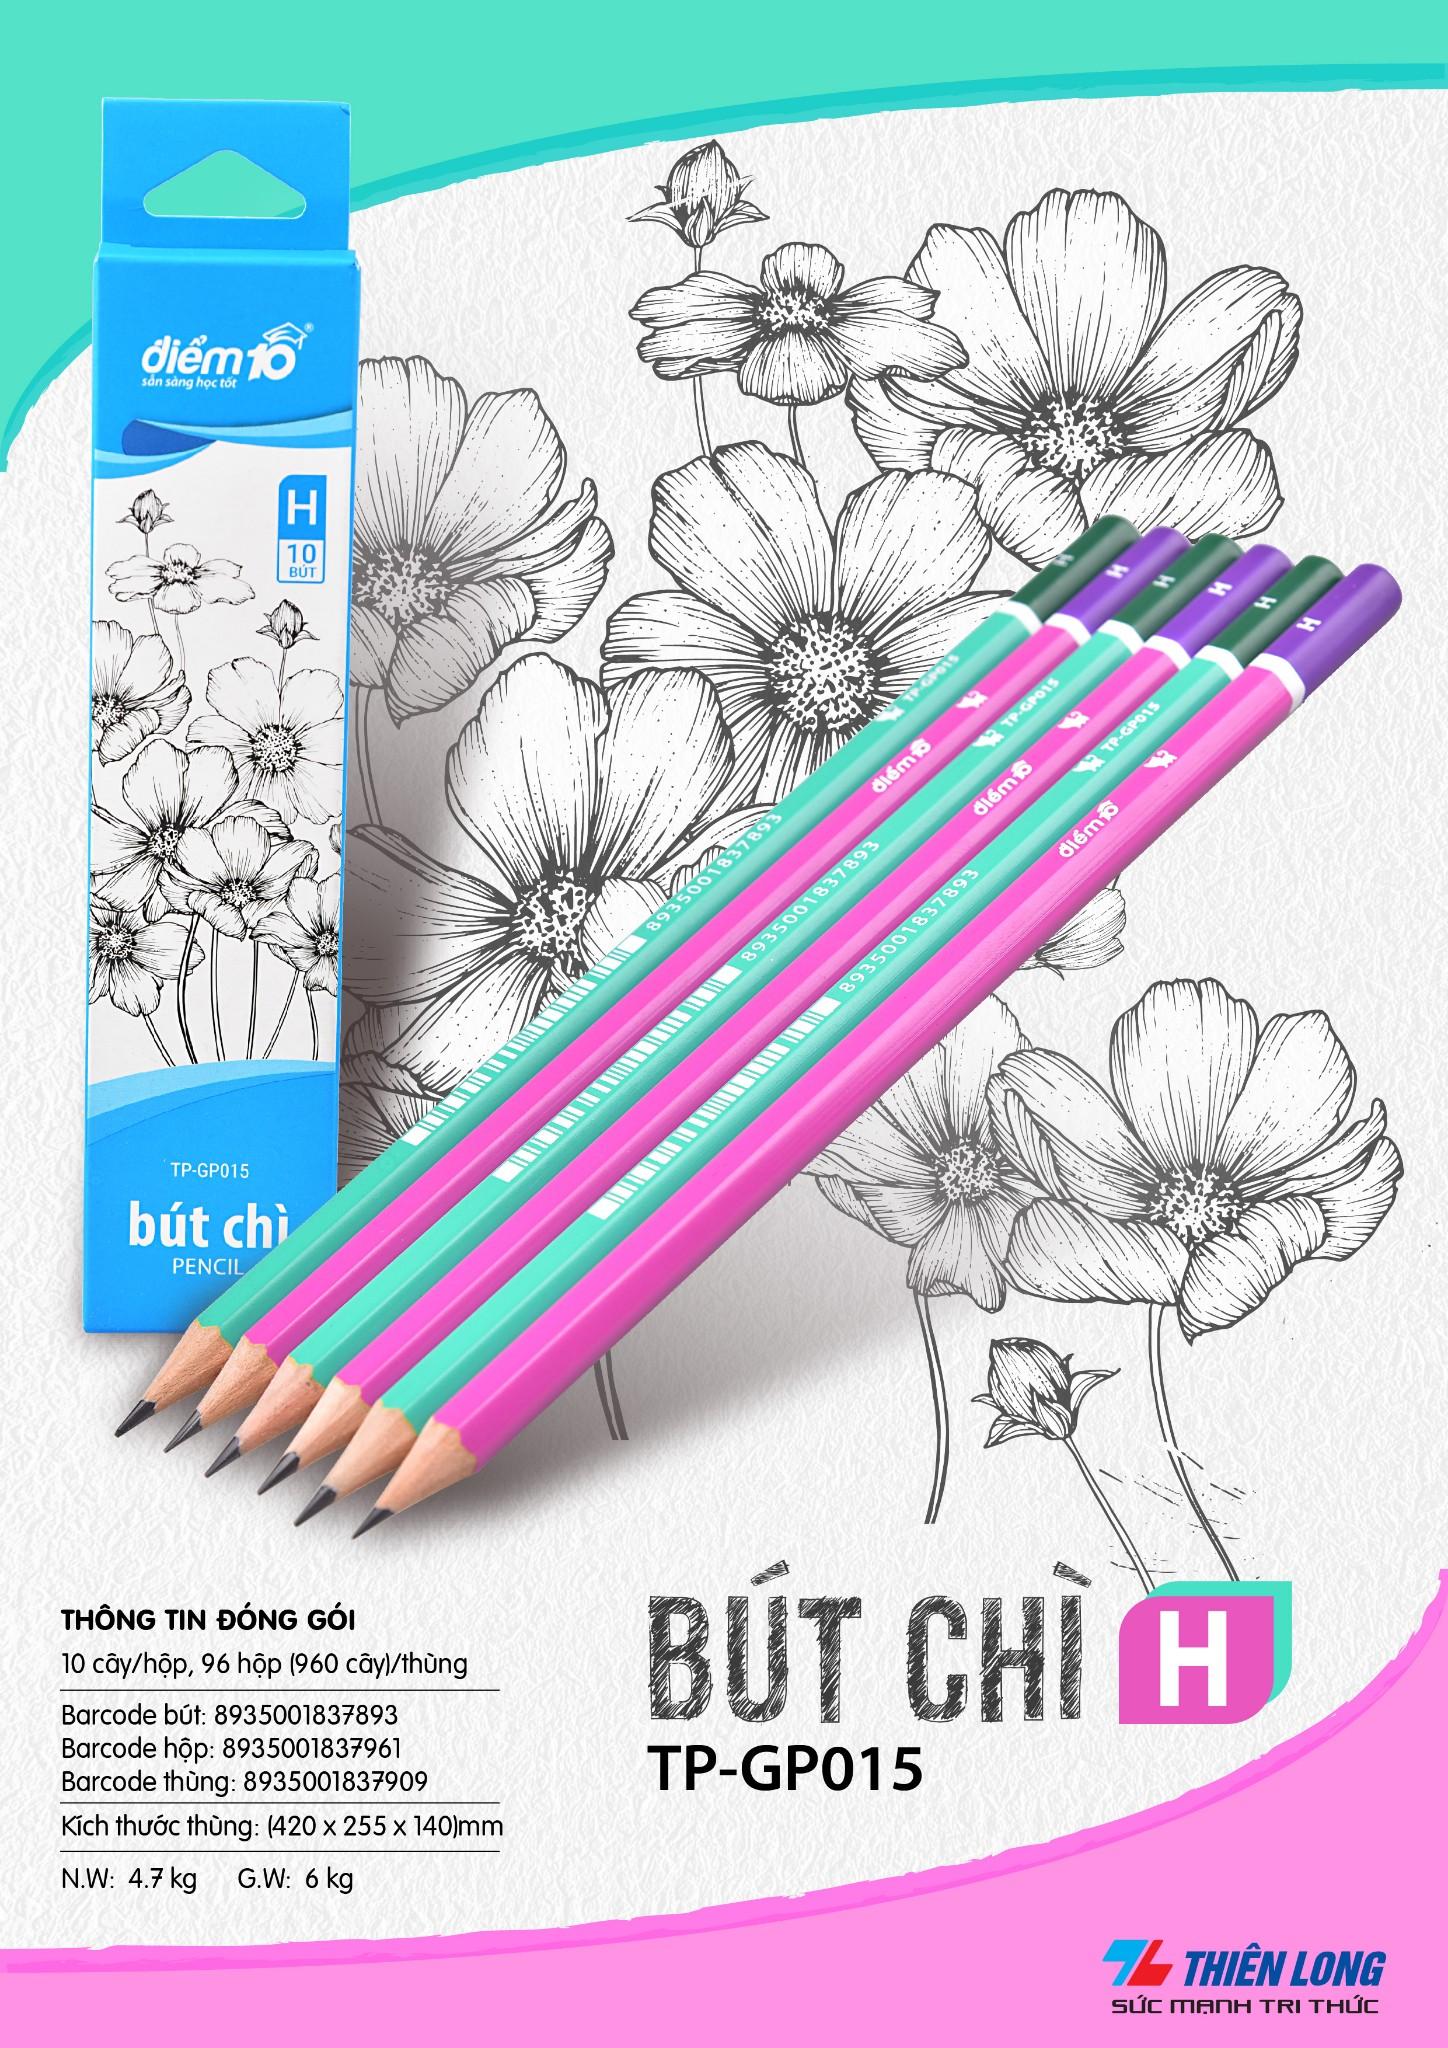 Bút chì gỗ Điểm 10 TP-GP015